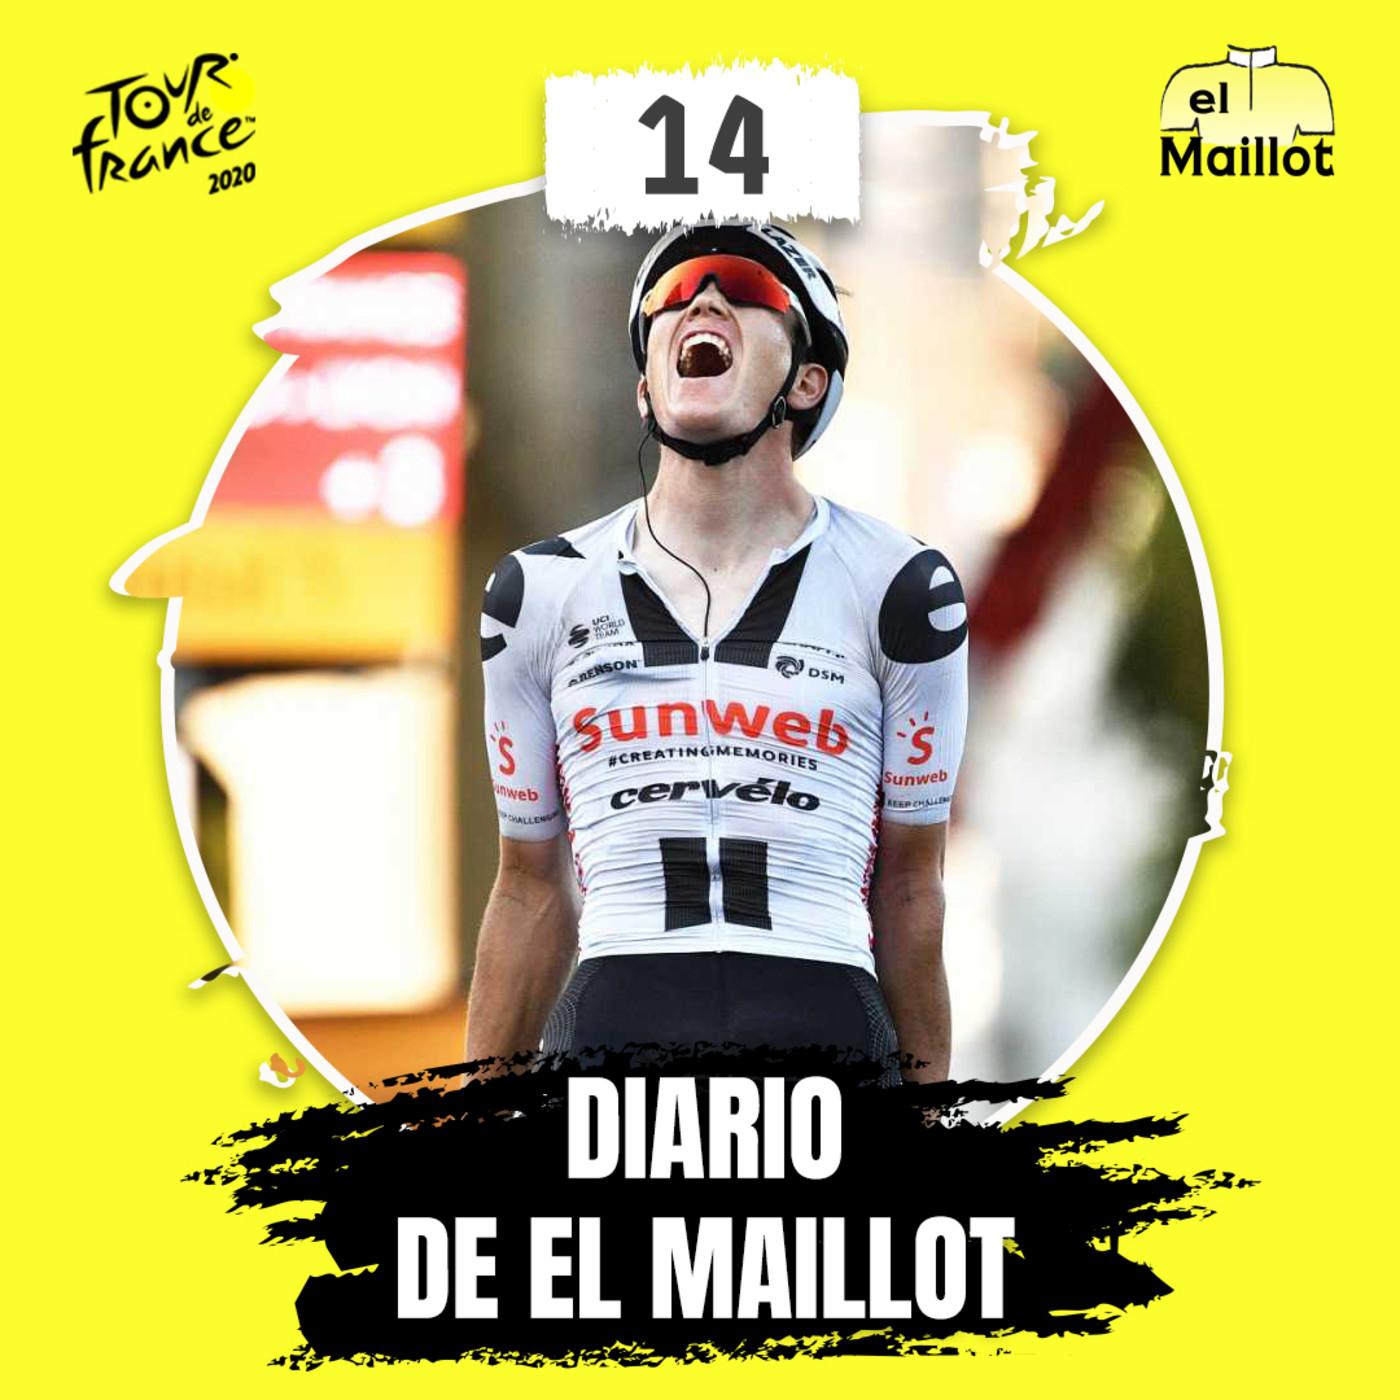 Diario El Maillot | Tour de Francia 2020: 14ª etapa